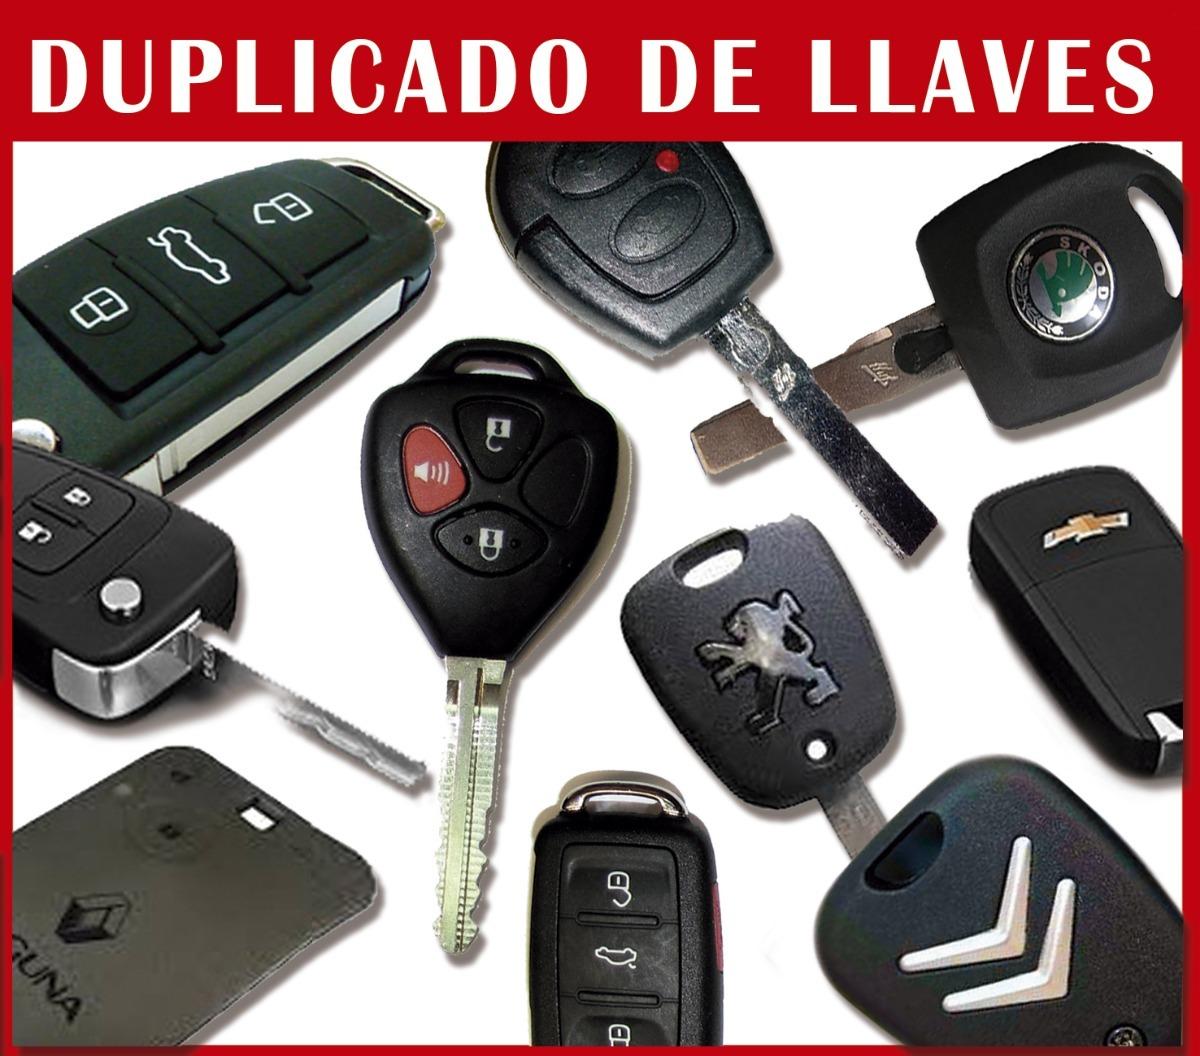 4904dfc87 Carcasa Llave Codificada Nissan Versa - $ 1.350,00 en Mercado Libre